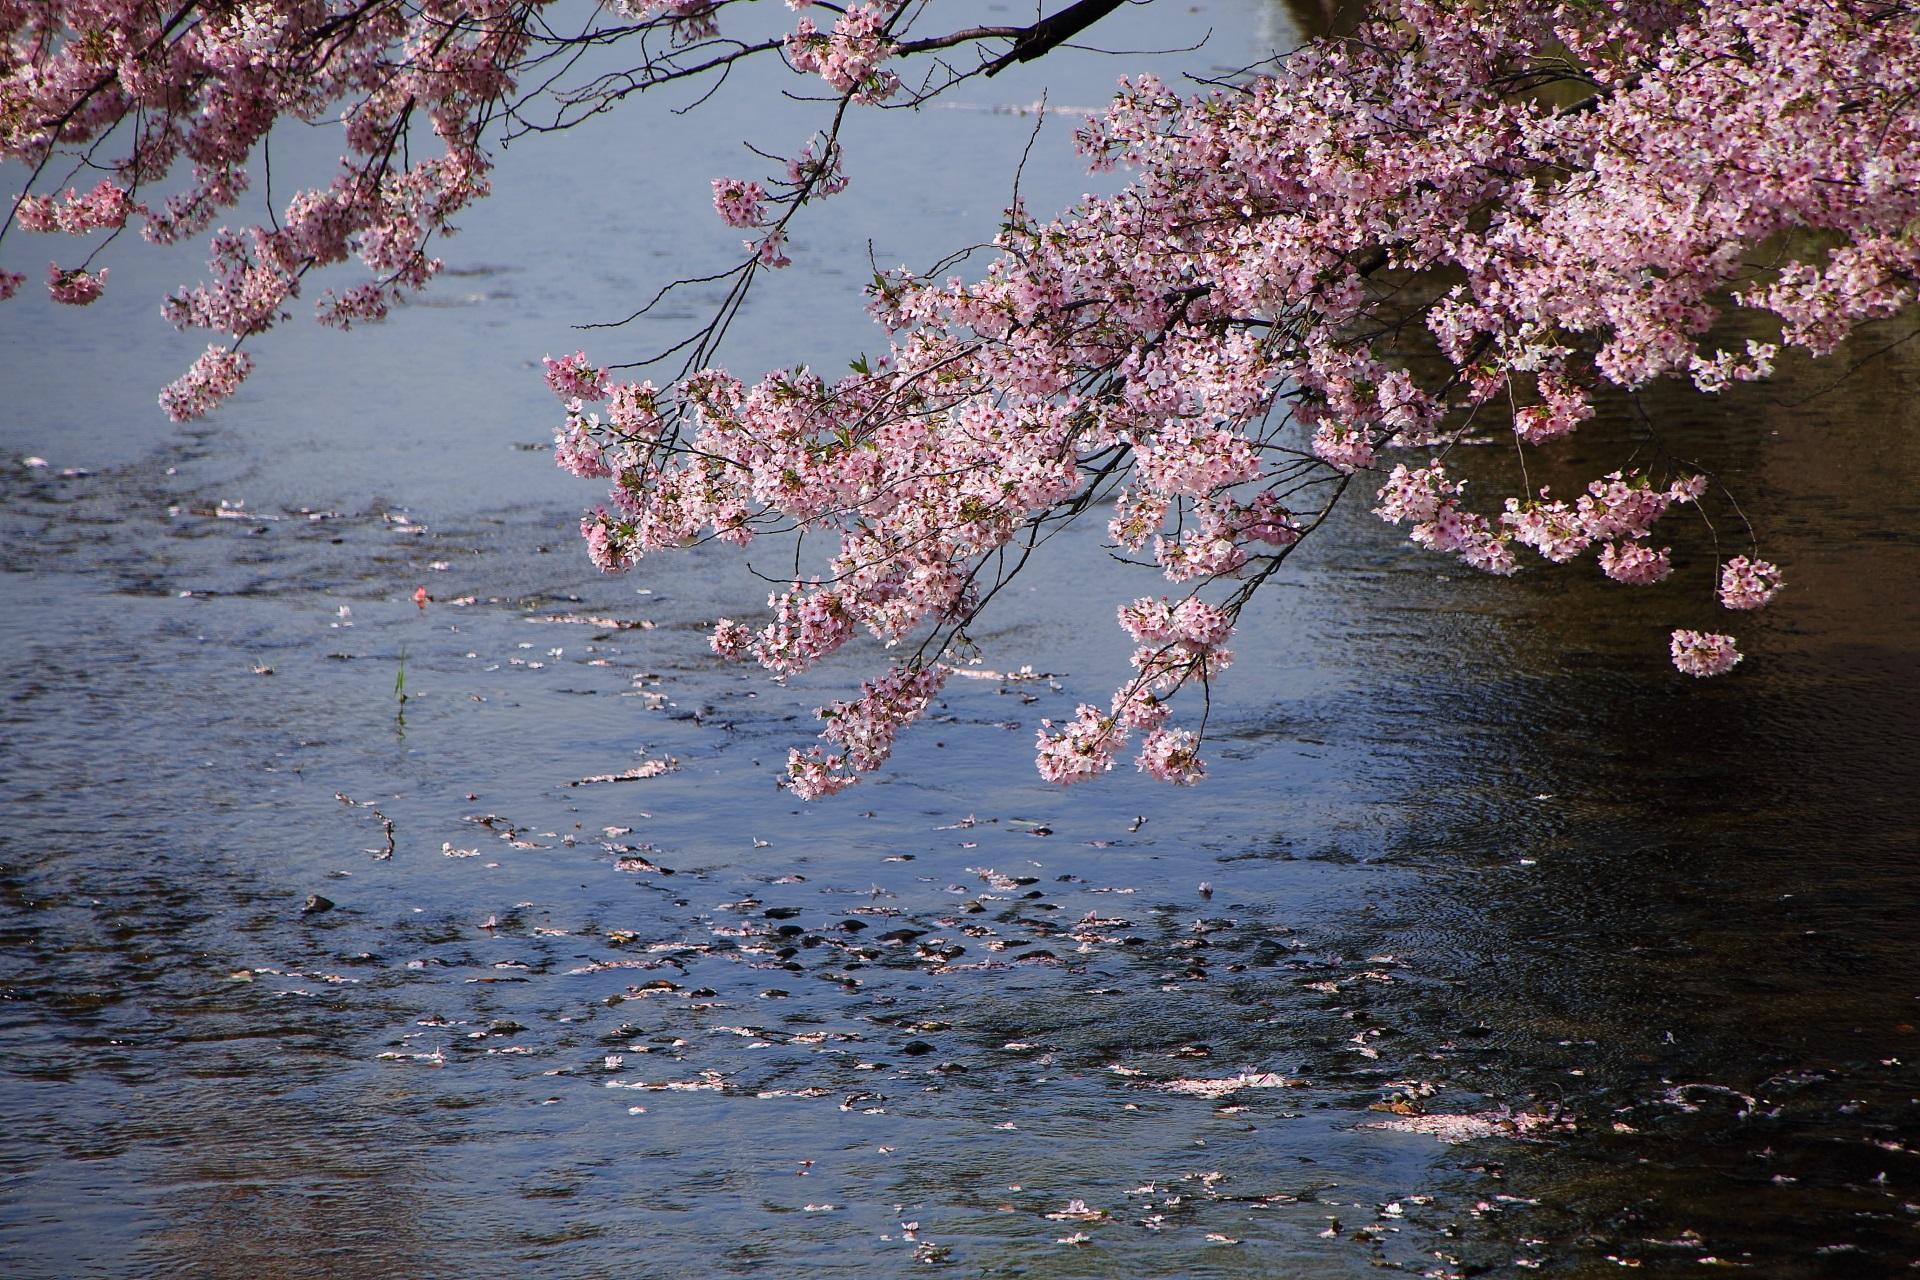 みそそぎ川に散る華やかな桜